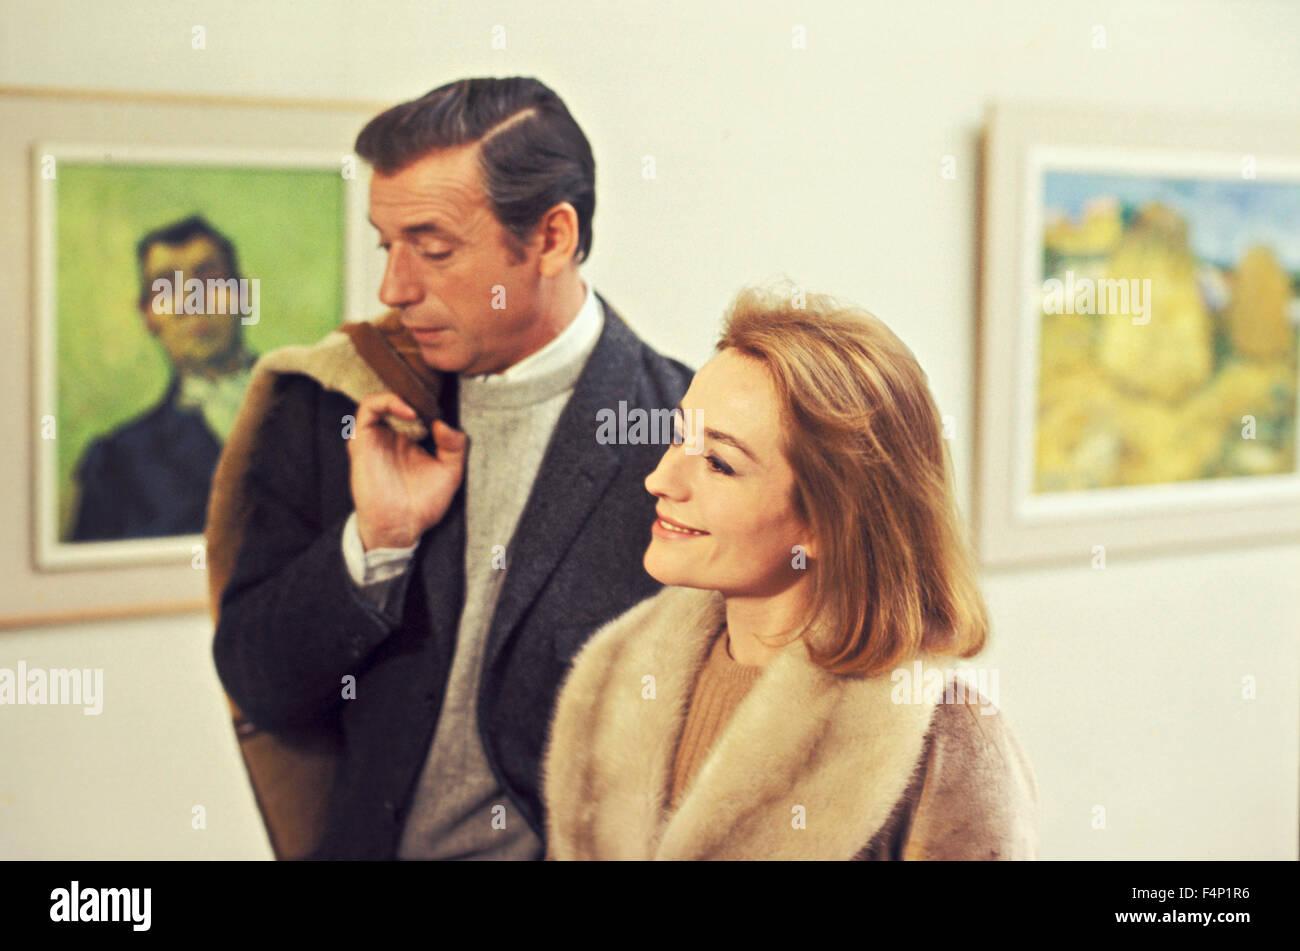 Annie Girardot Yves Montand / Vivre pour vivre 1967 réalisé par Claude Lelouch Banque D'Images